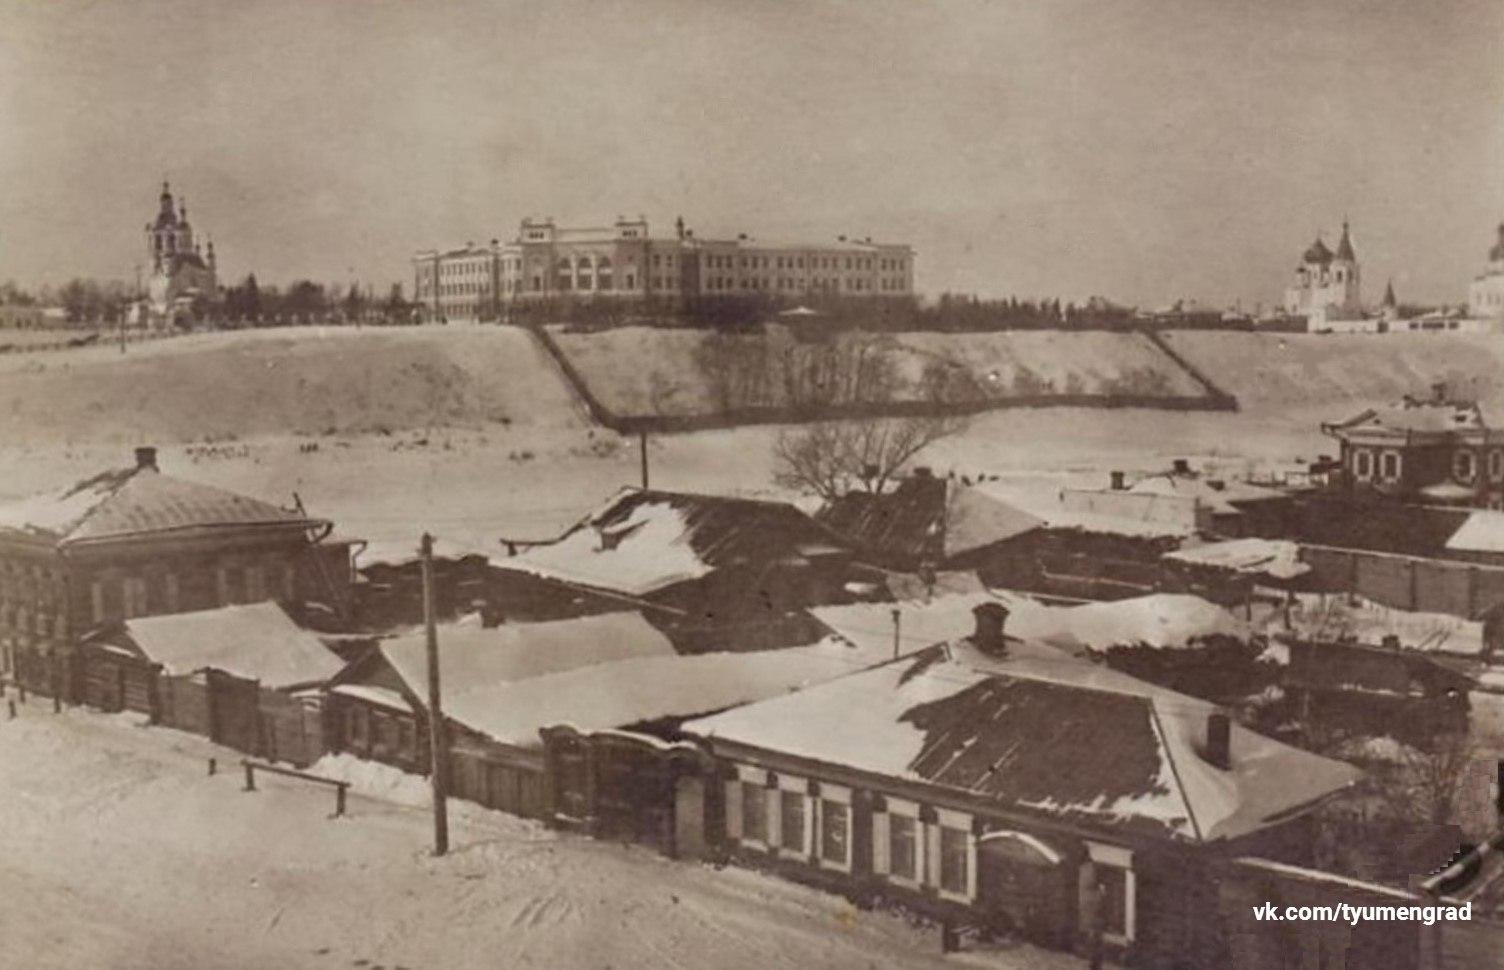 Вид из Зареки на Затюменку. Открытка времен Первой мировой. Фото сделано в период с 1914 по 1920 год